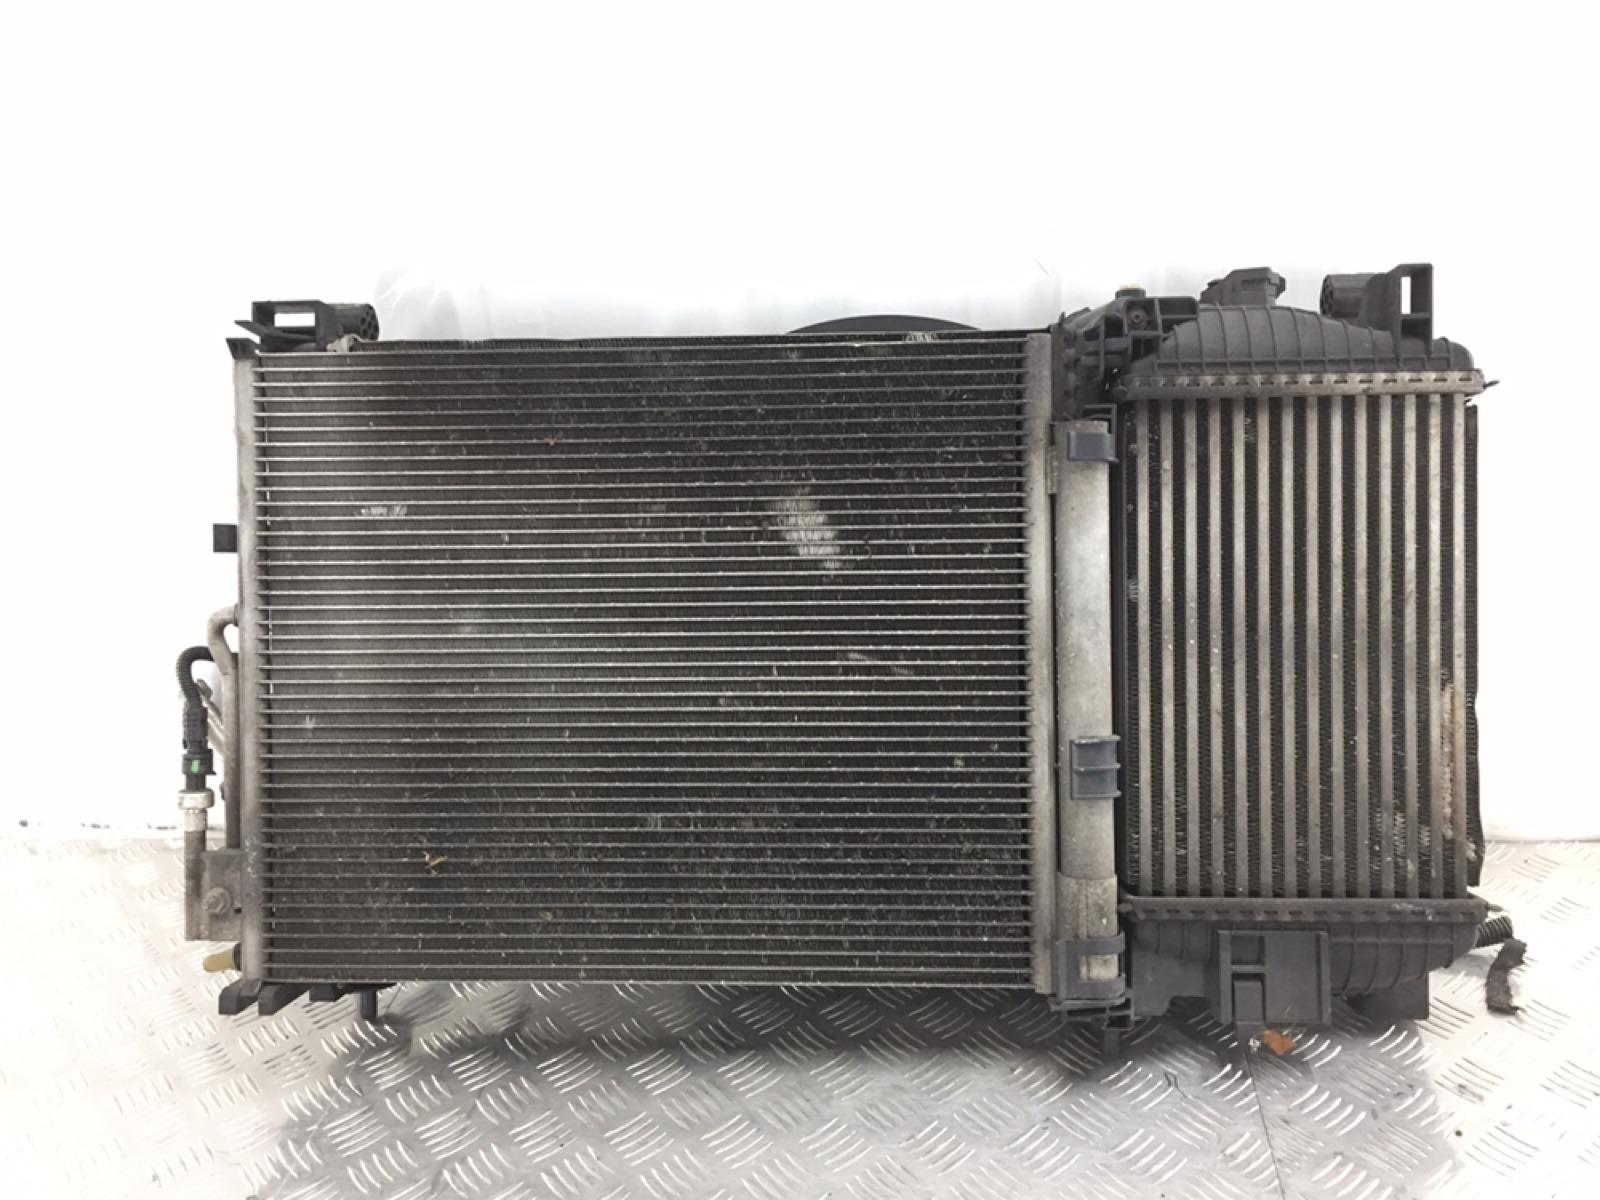 Кассета радиаторов Opel Meriva 1.4 TI 2011 (б/у)